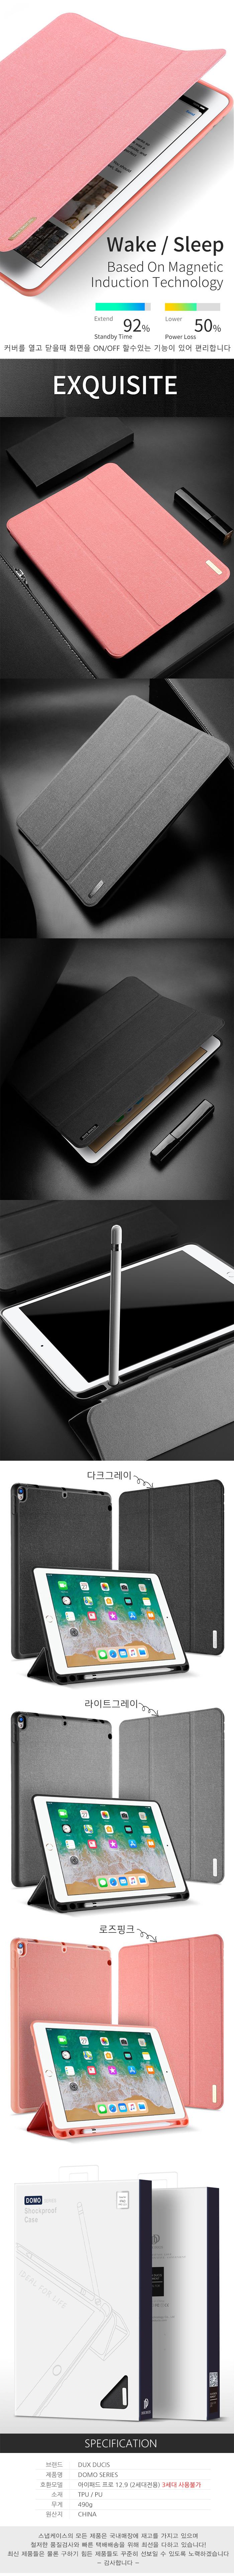 DUX 아이패드프로12.9 애플펜슬수납 스마트케이스 - 스냅케이스, 21,800원, 케이스, 아이패드/미니